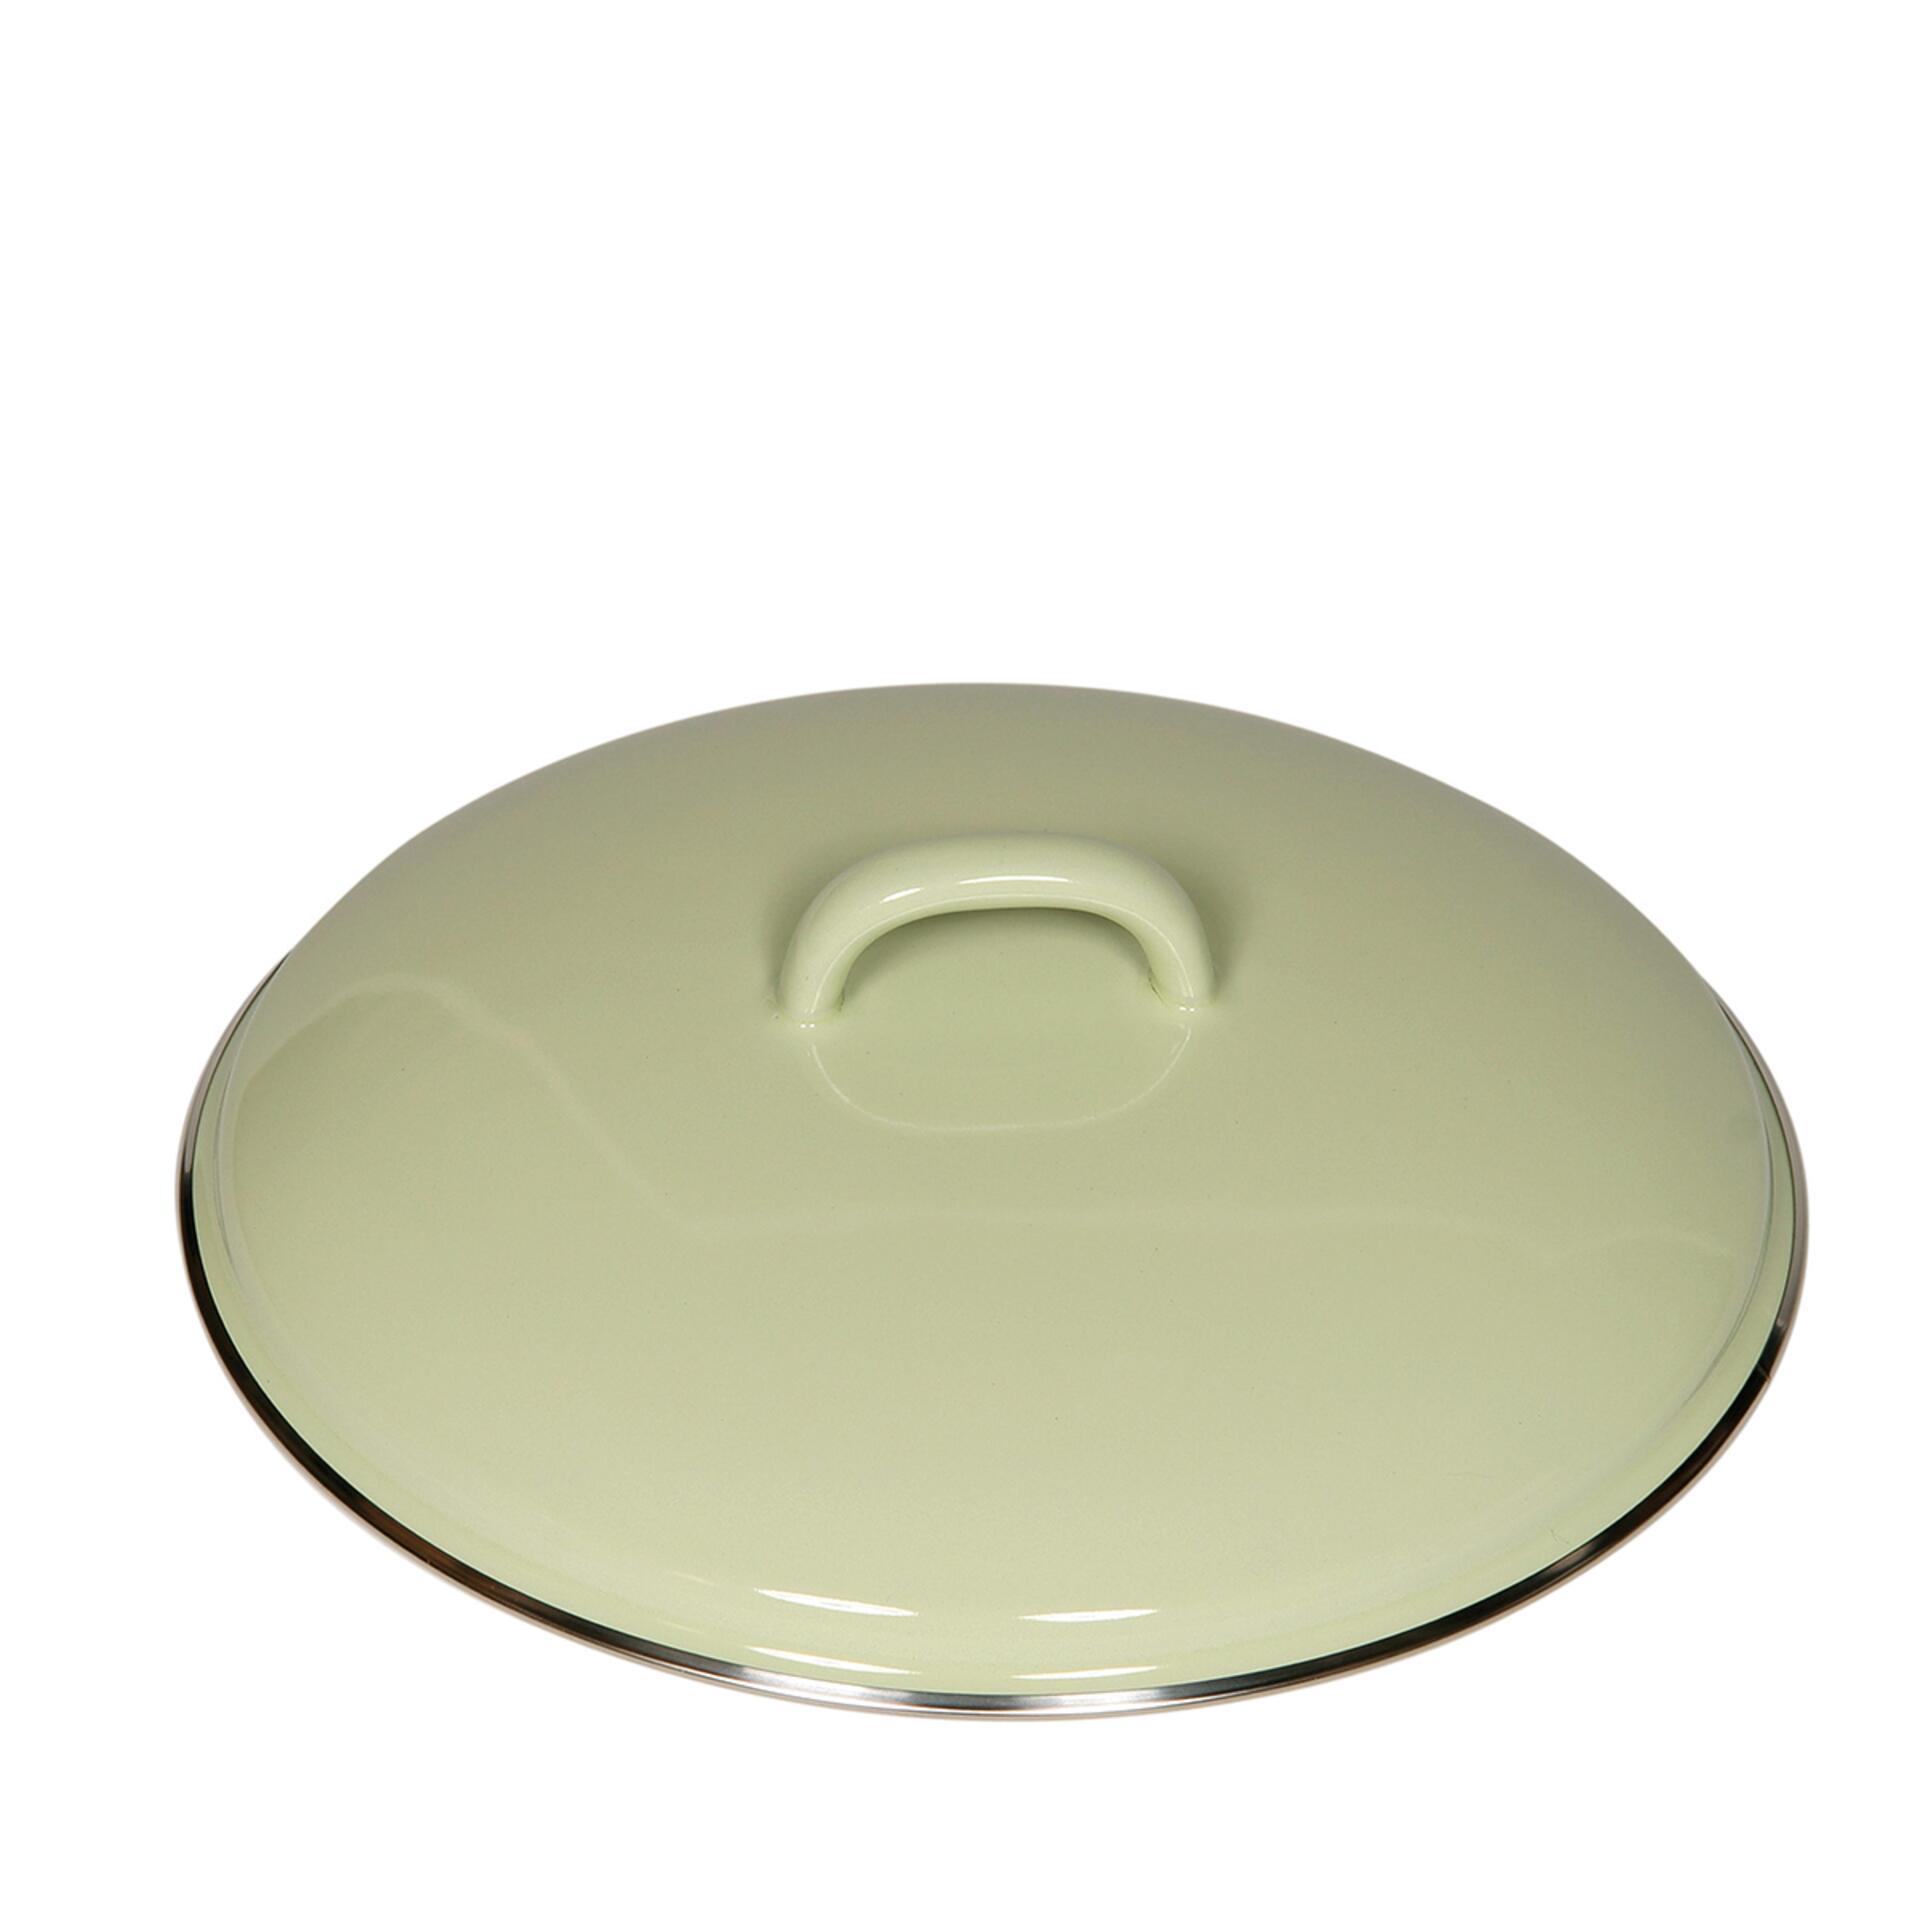 Riess Deckel aus Emaille 22 cm Nilgrün